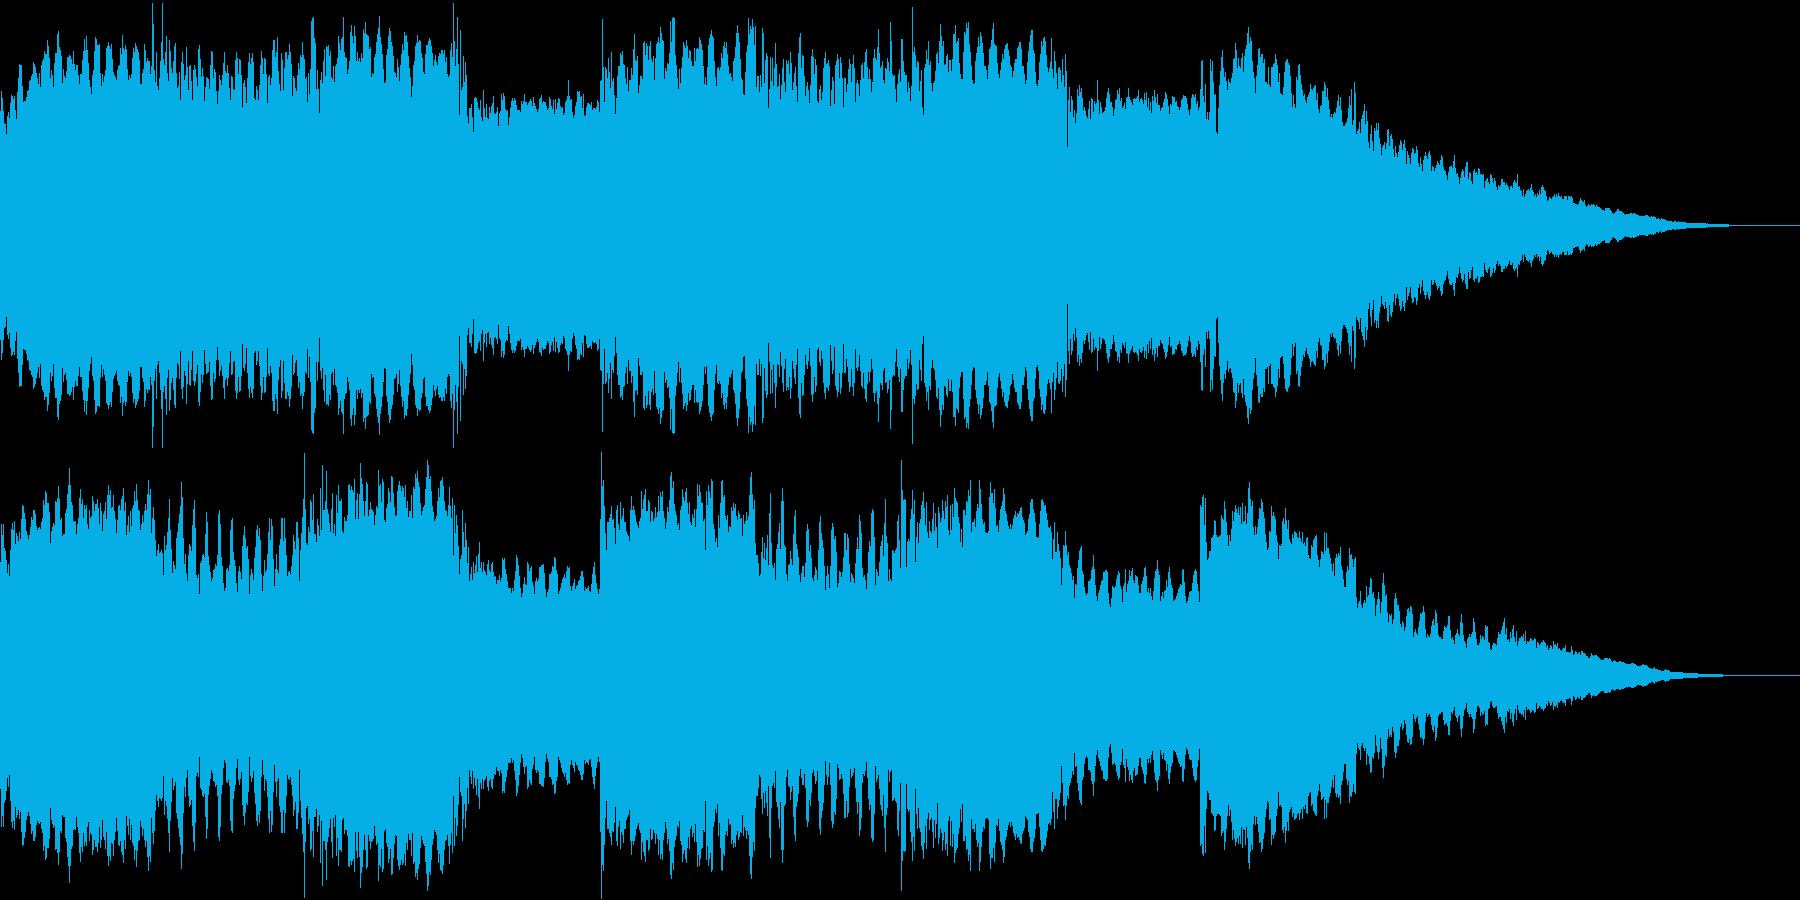 不気味なアンビエントホラー曲の再生済みの波形